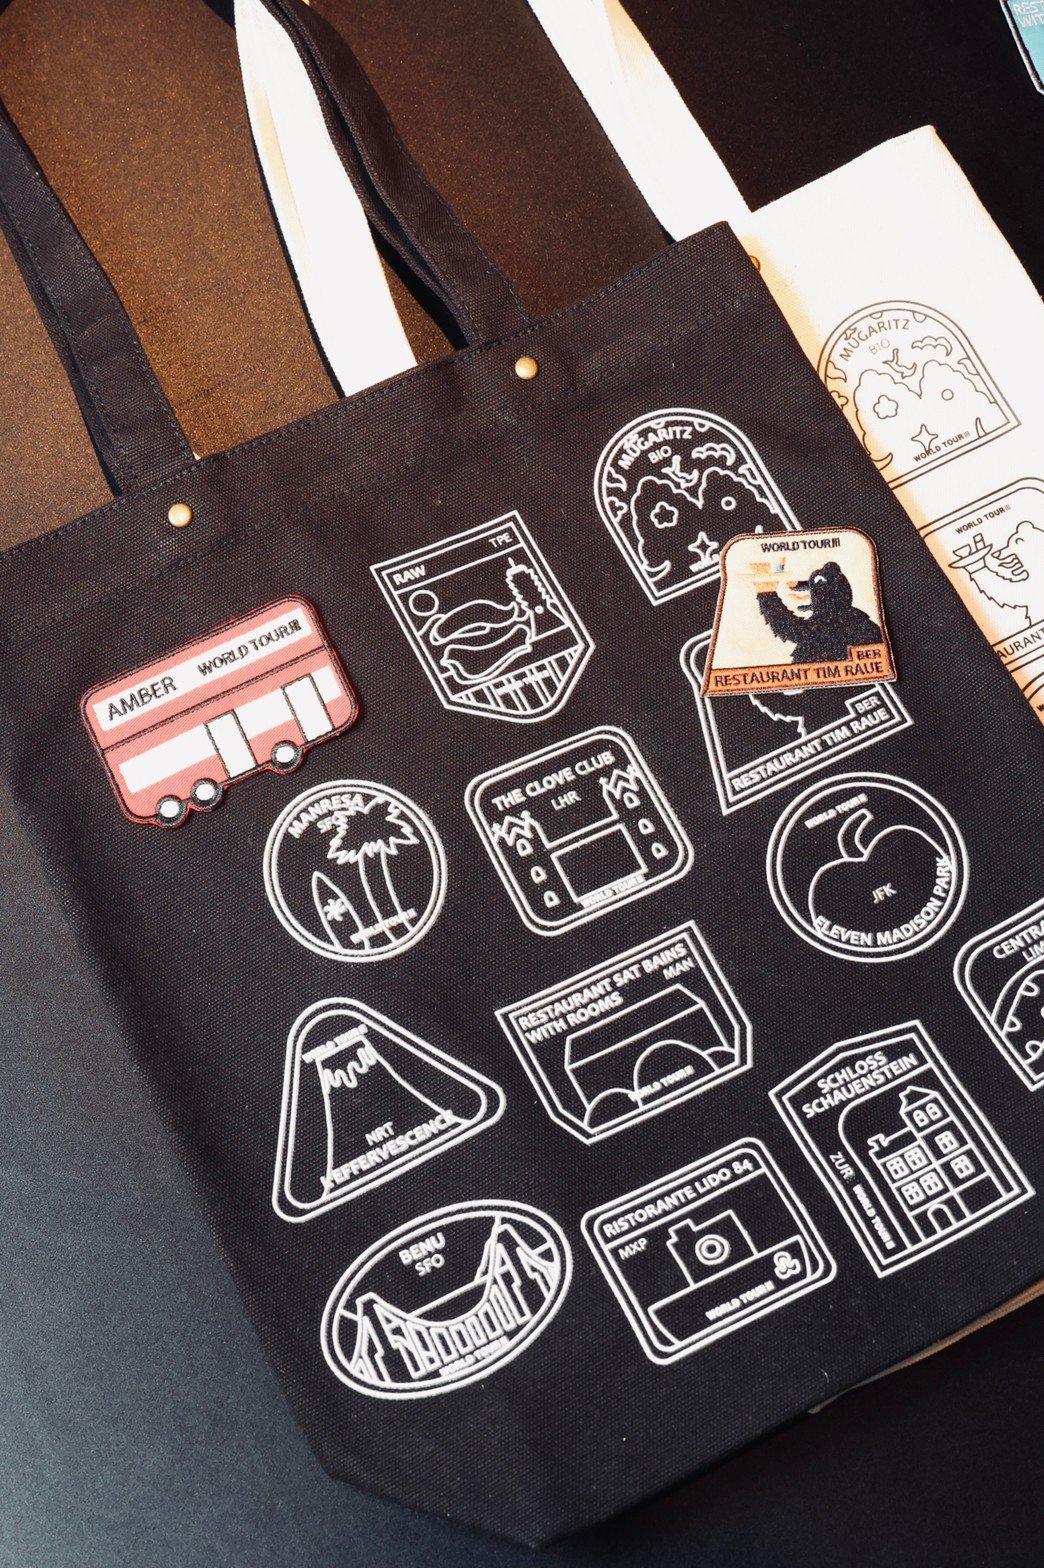 集合城市特色的刺繡臂章,可以貼在帆布袋上,勢必引發粉絲搜集。記者王聰賢/攝影